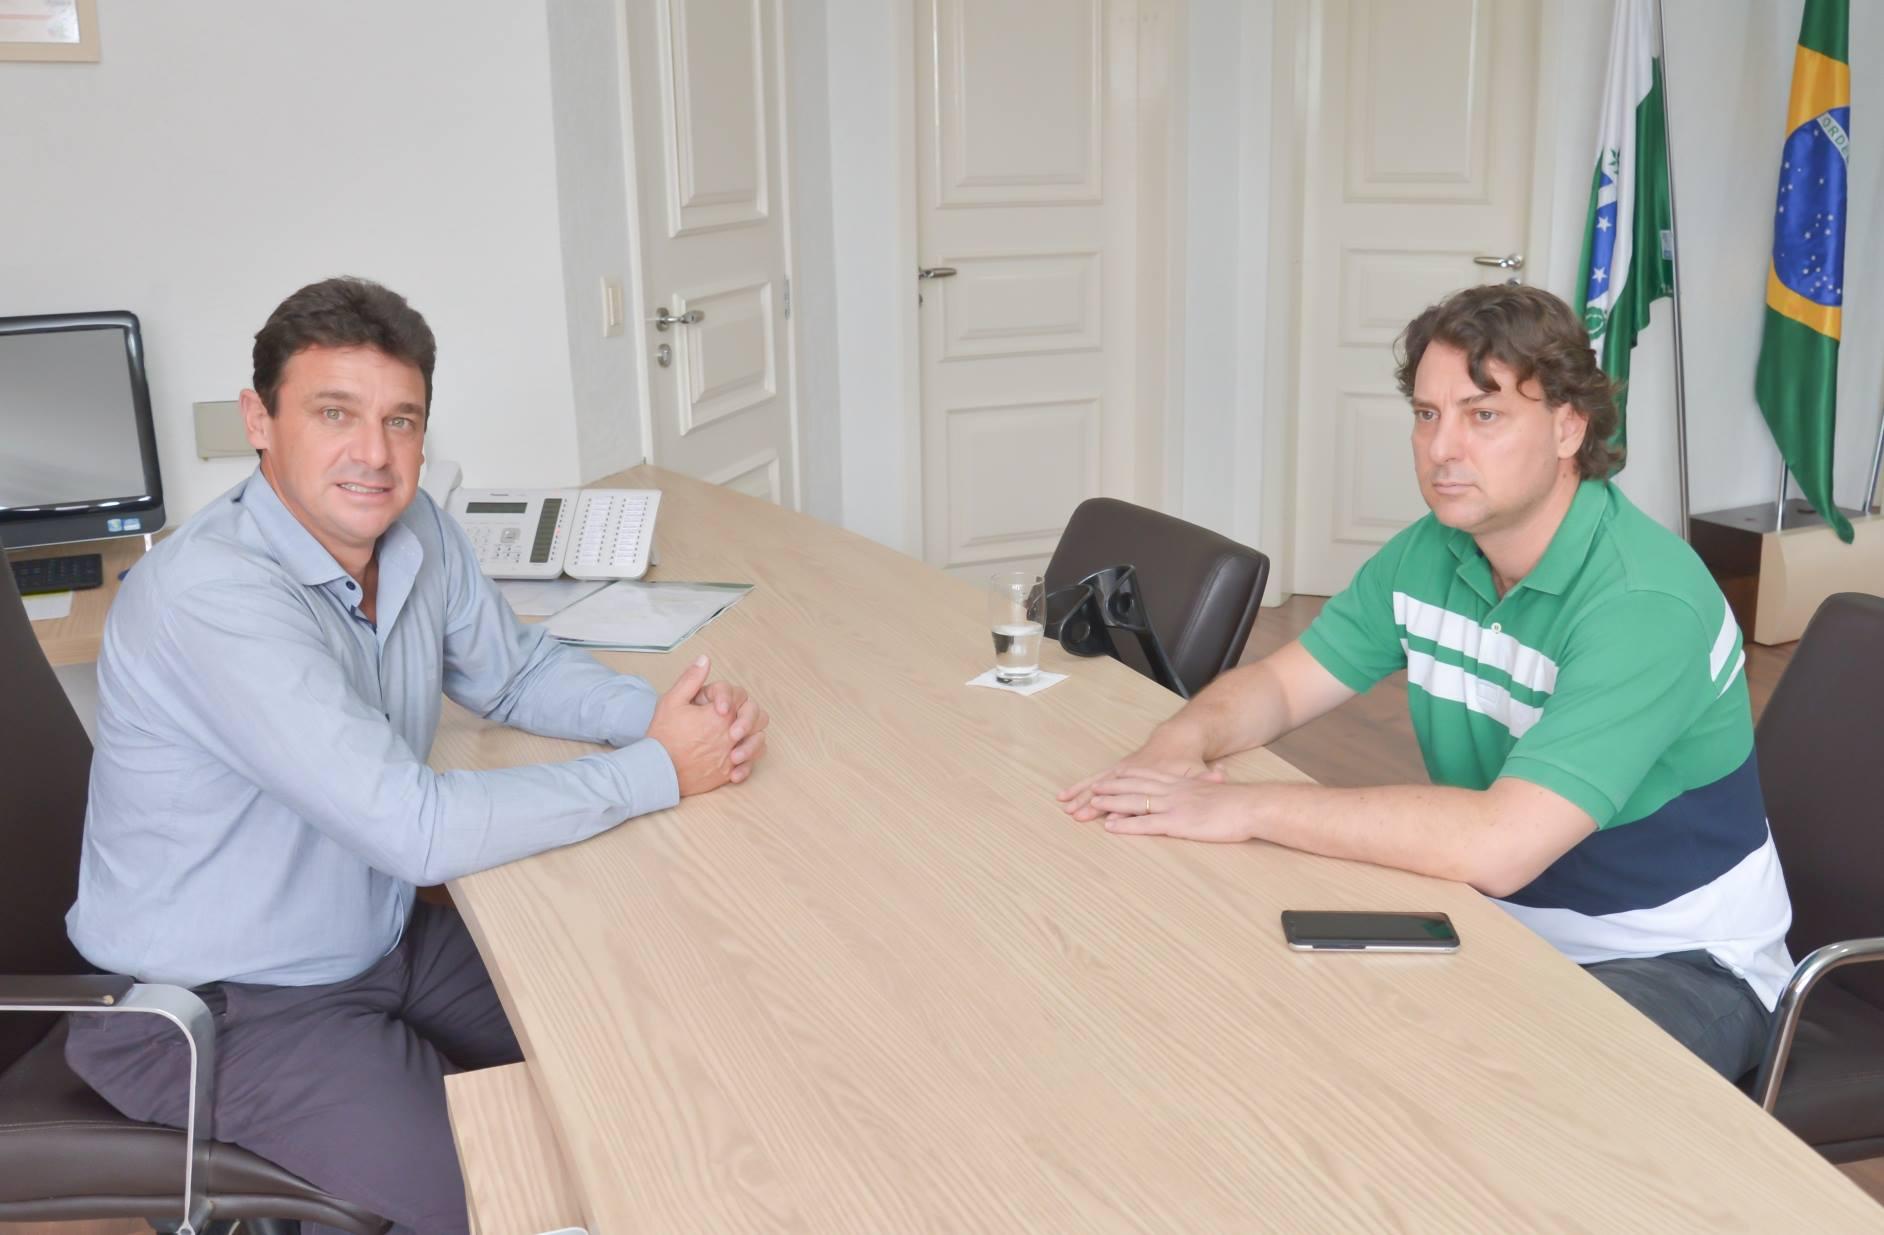 Anibelli Neto e o prefeito Lara discutem apoio para a Agricultura em Quatro Barras